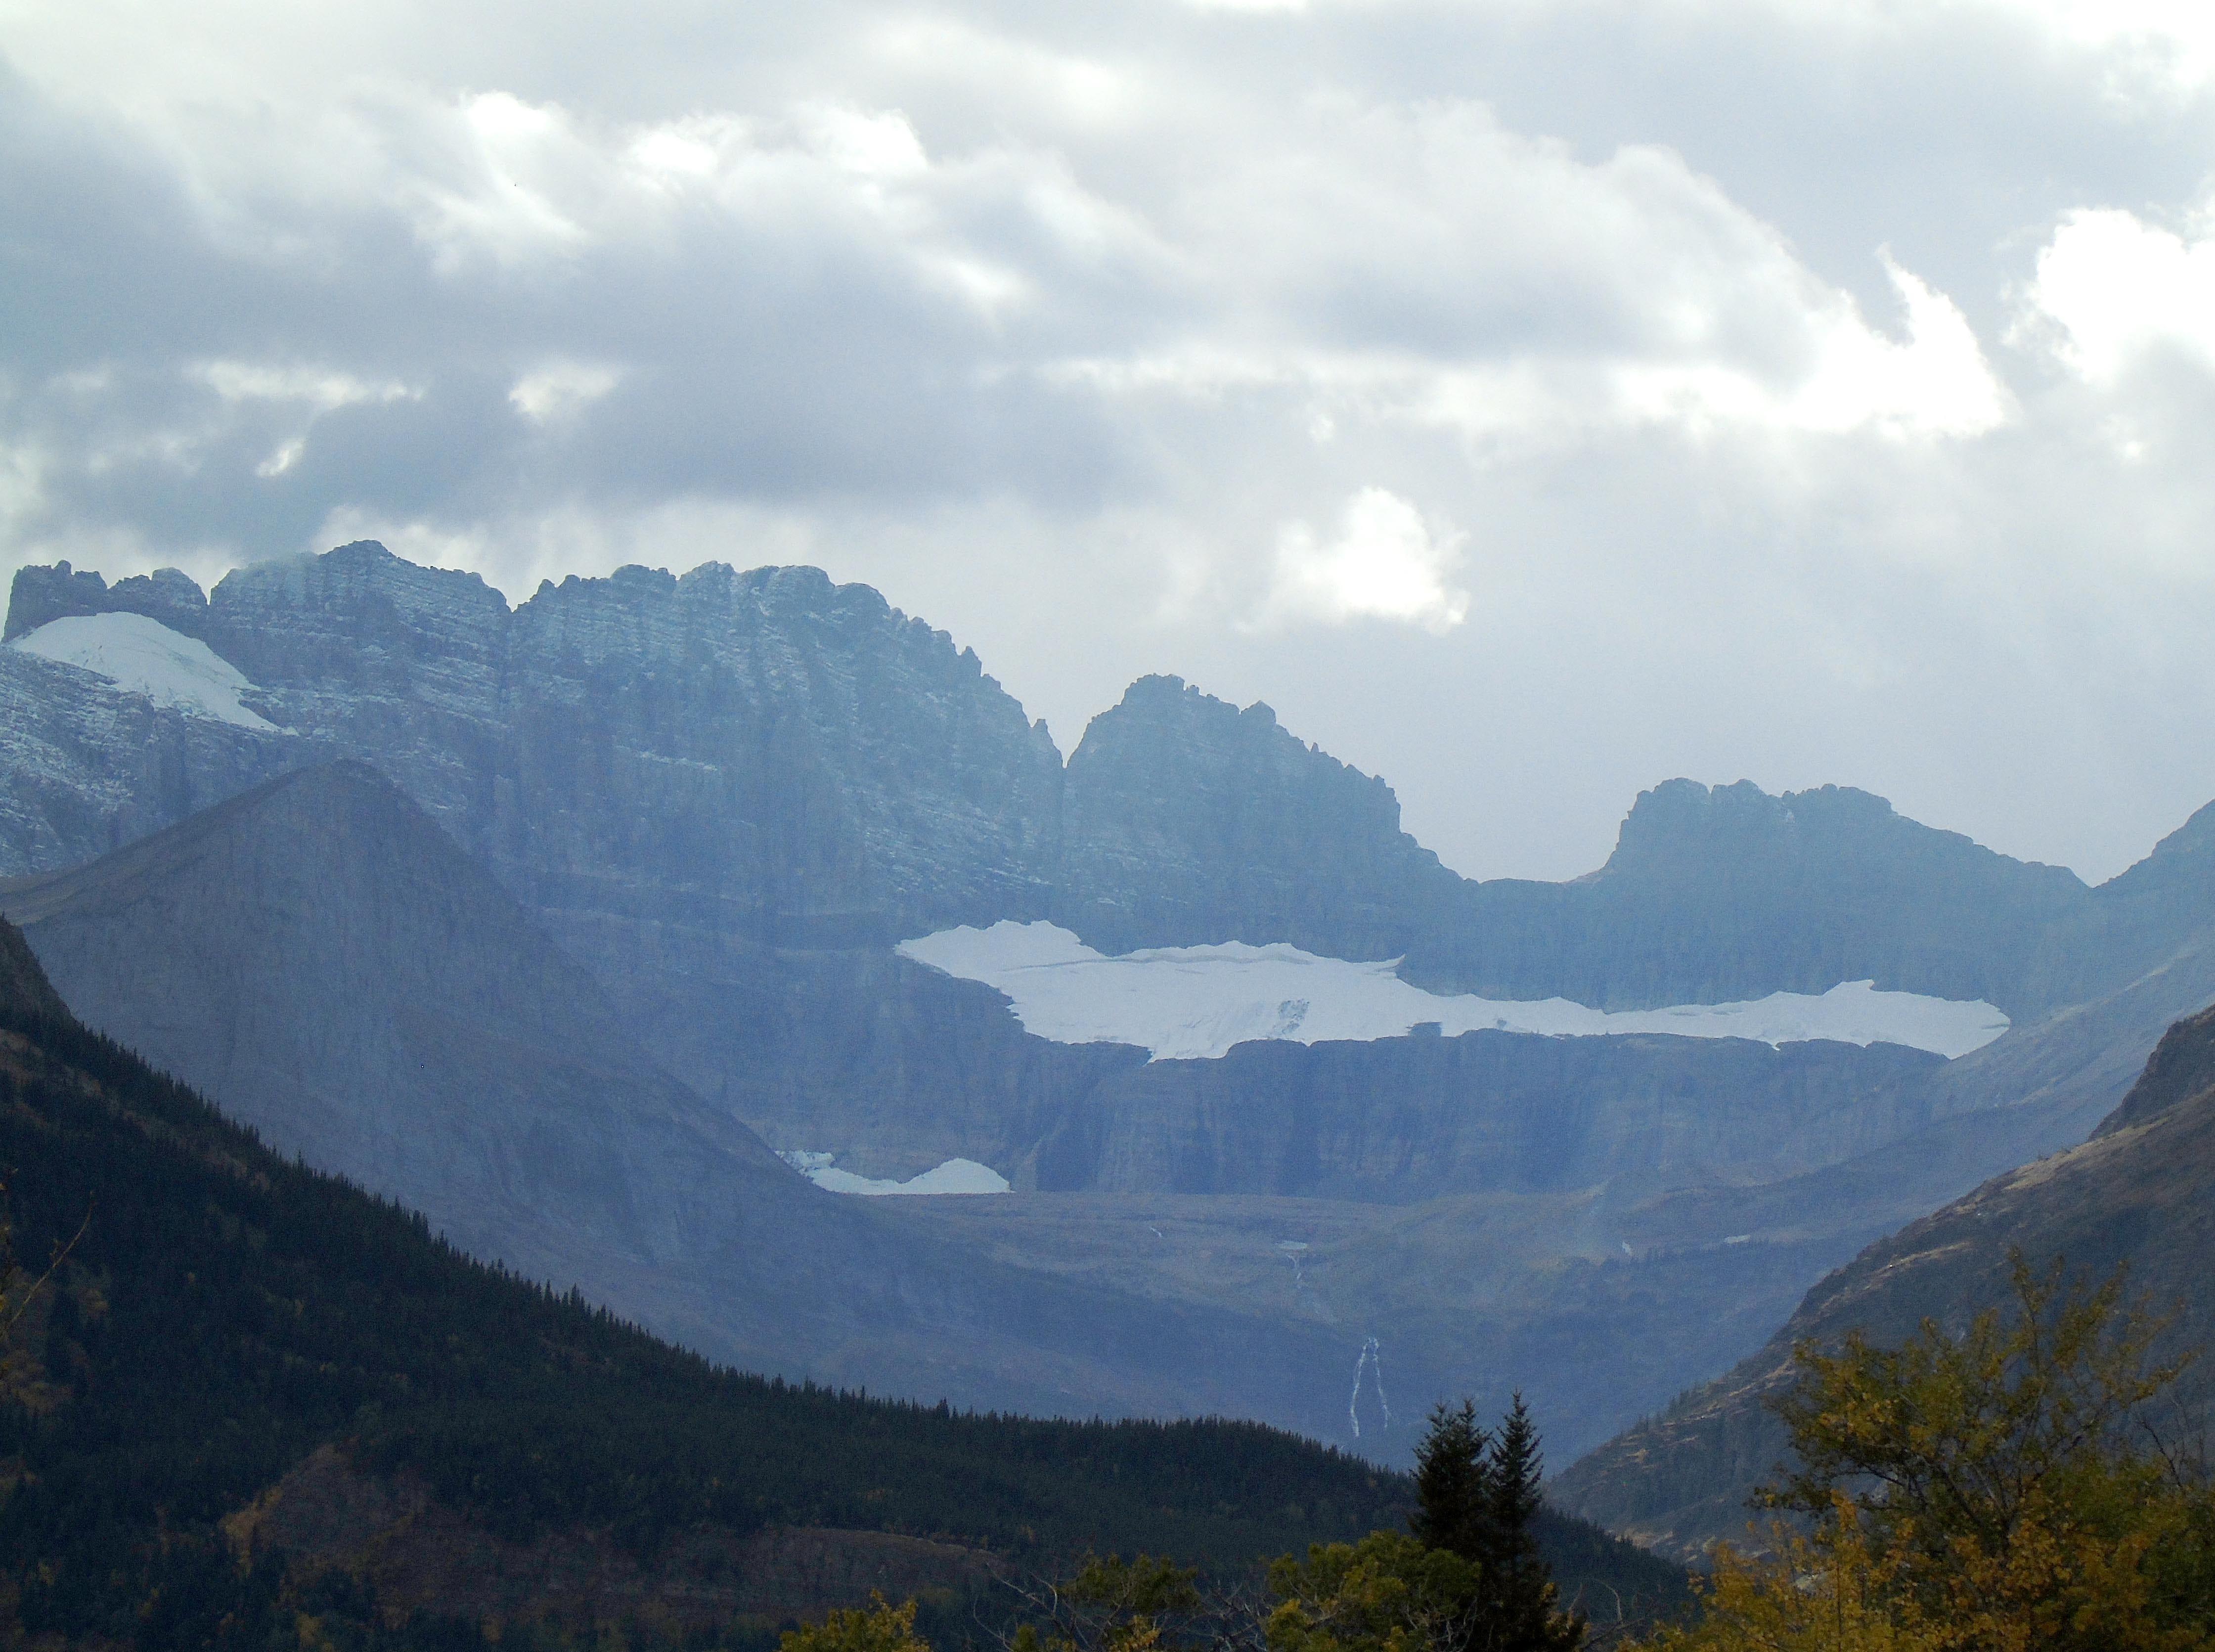 Fall colors in Many Glacier in Glacier National Park in late September.